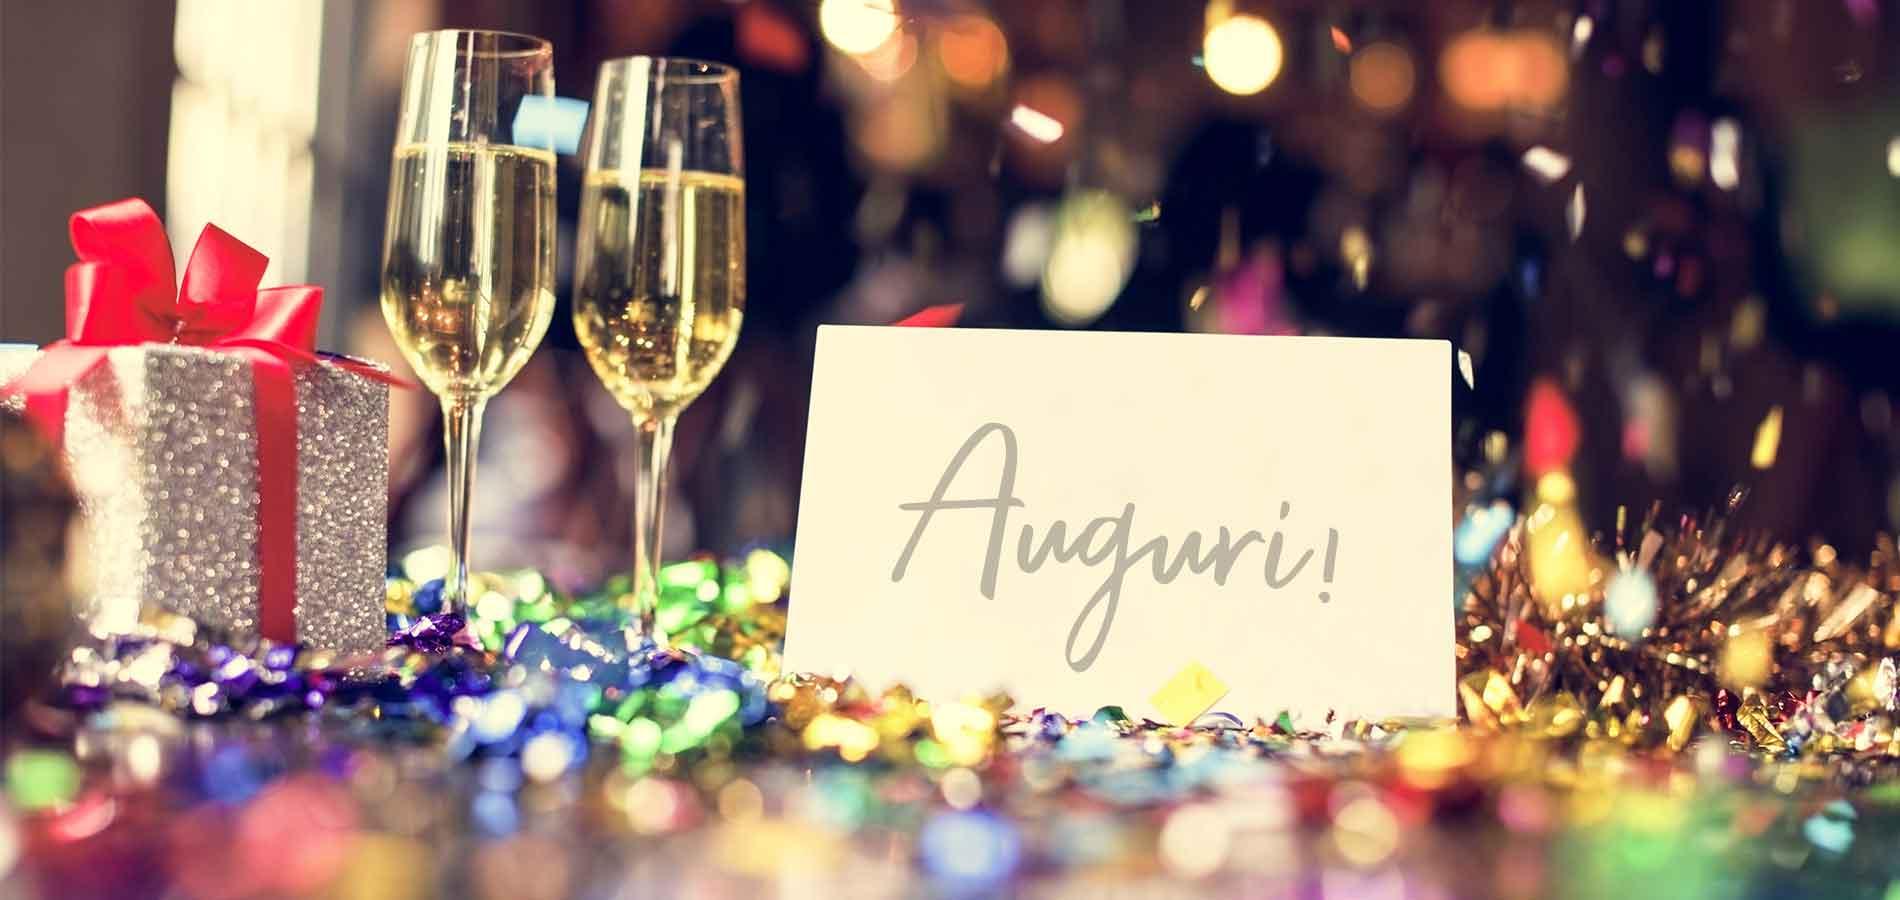 Biglietto di auguri a una festa aziendale